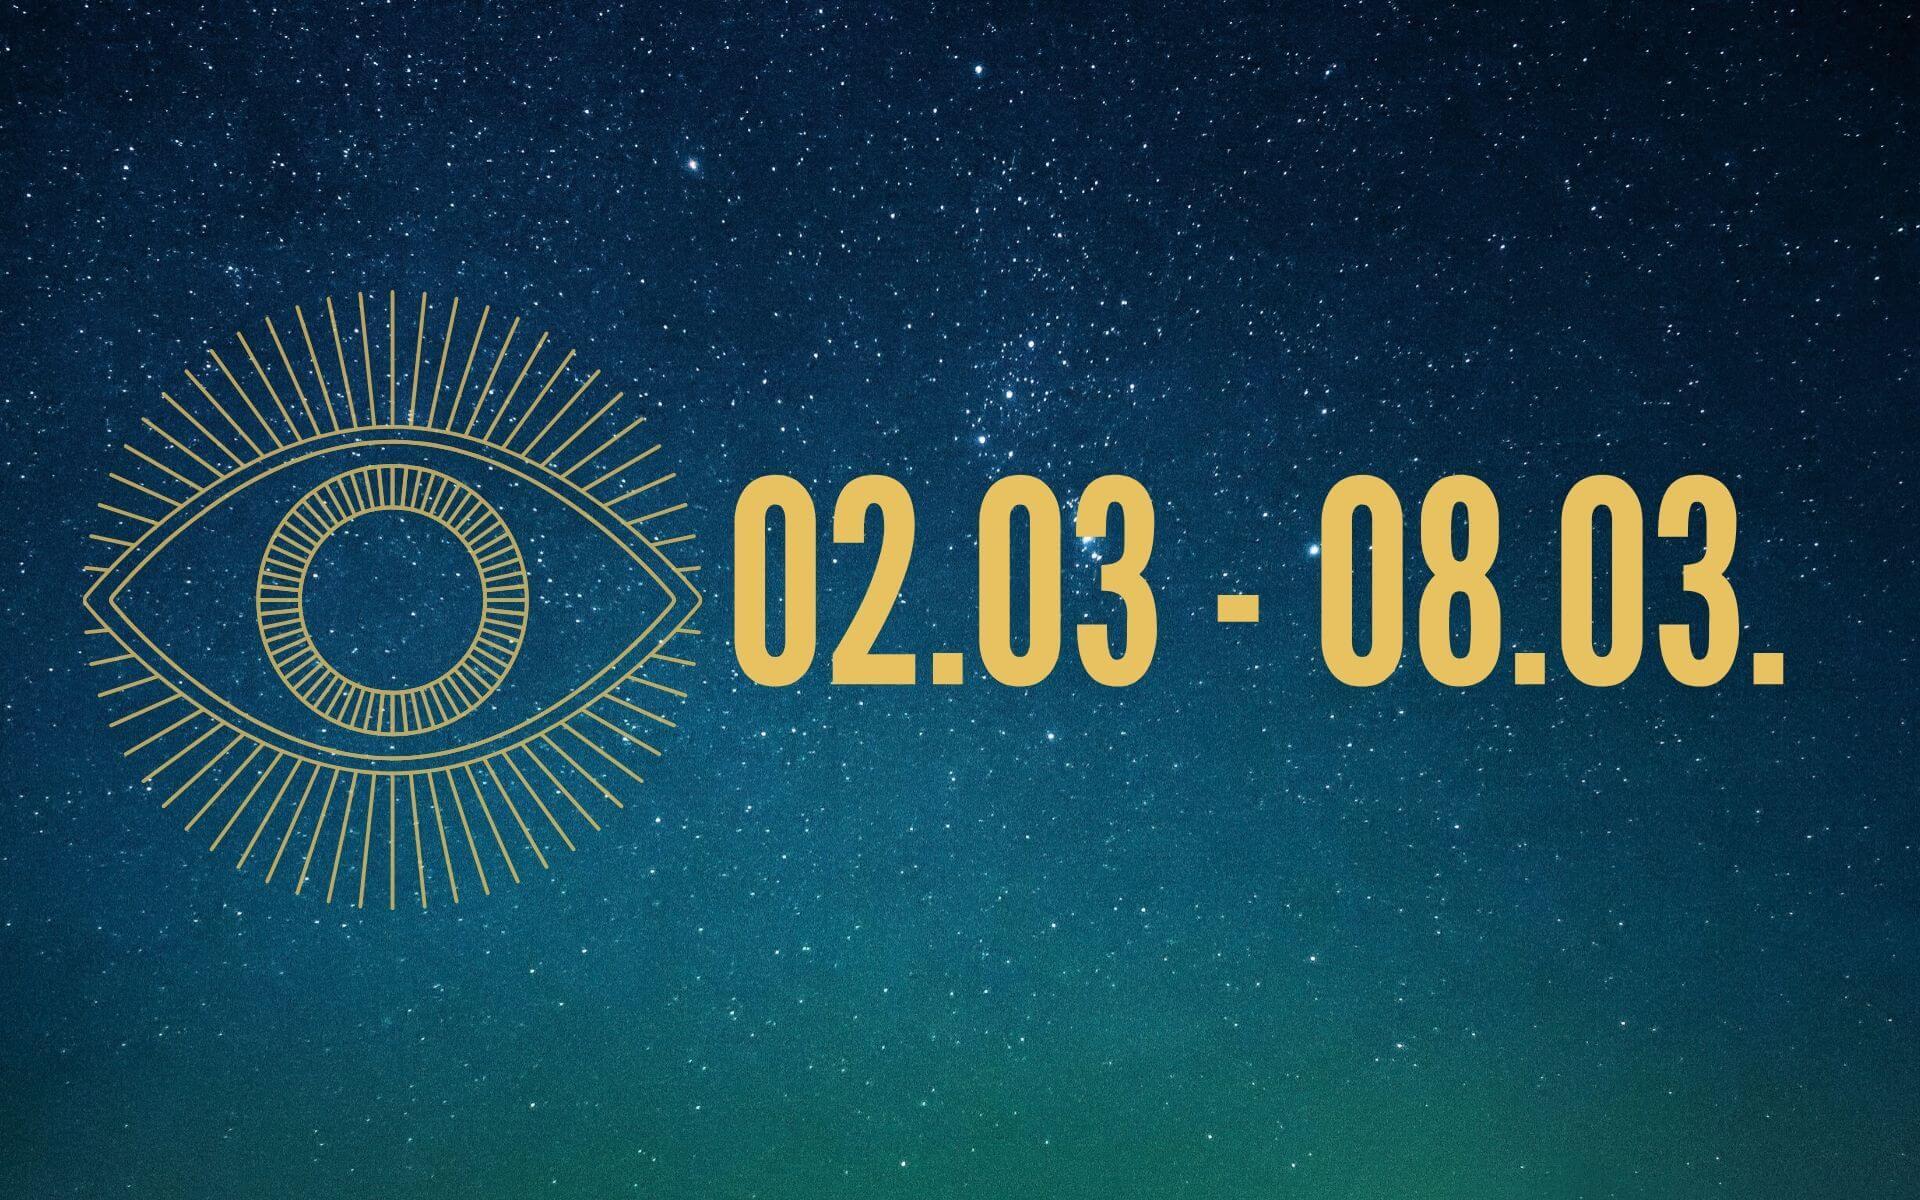 MILAs Liebeshoroskop 02.03. - 08.03. - Was erwartet dein Sternzeichen?